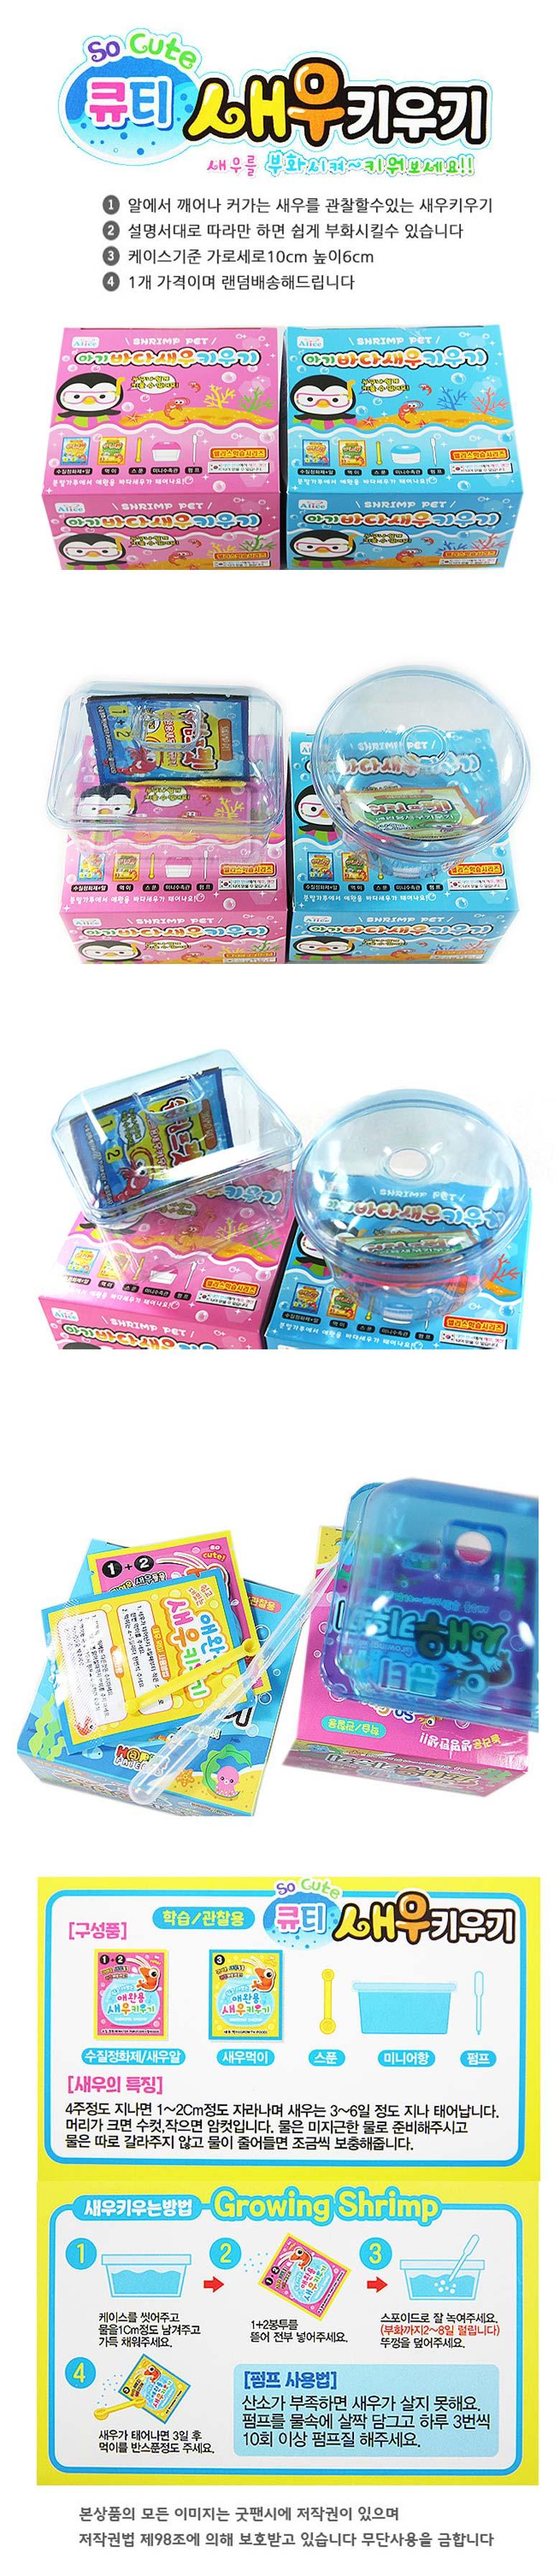 아기바다새우 키우기 - 굿팬시, 2,000원, 아이디어 상품, 아이디어 상품